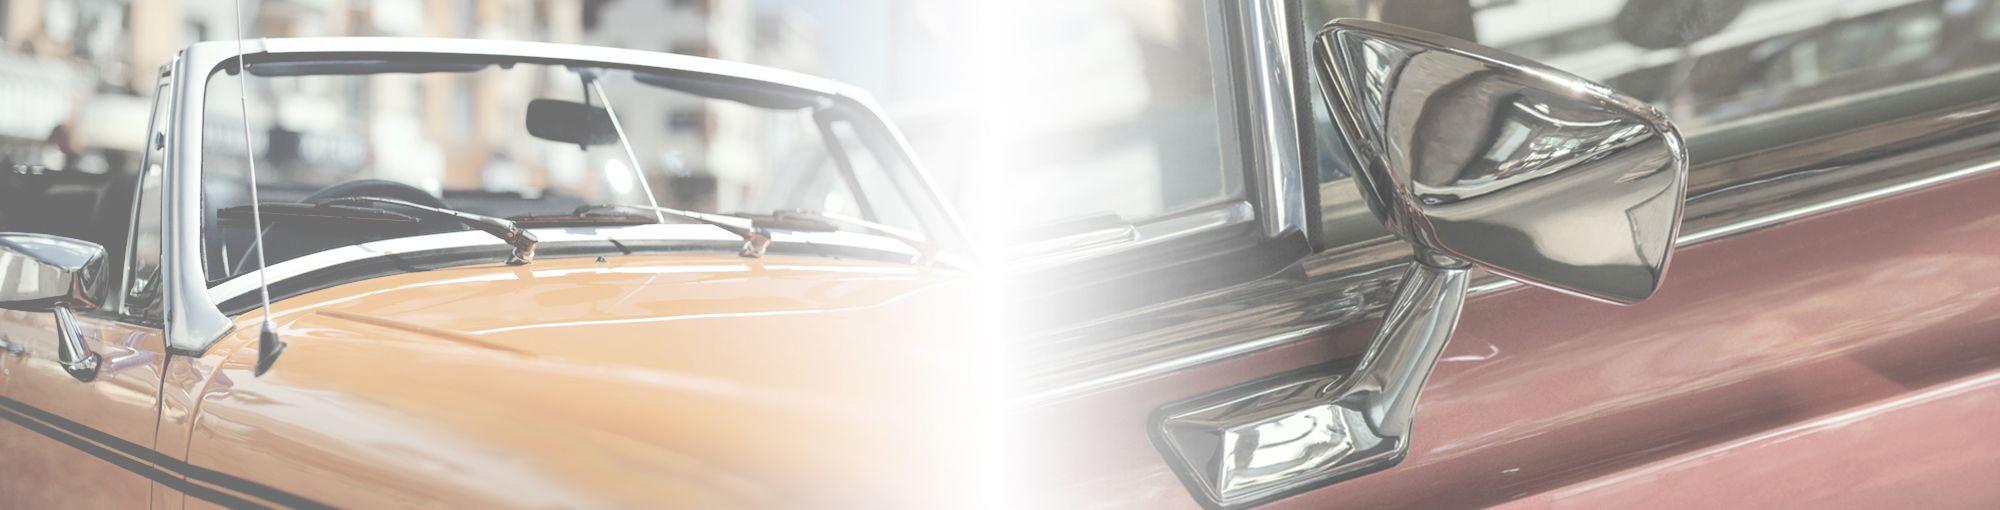 Vinduesviskere og spejle til klassiske biler